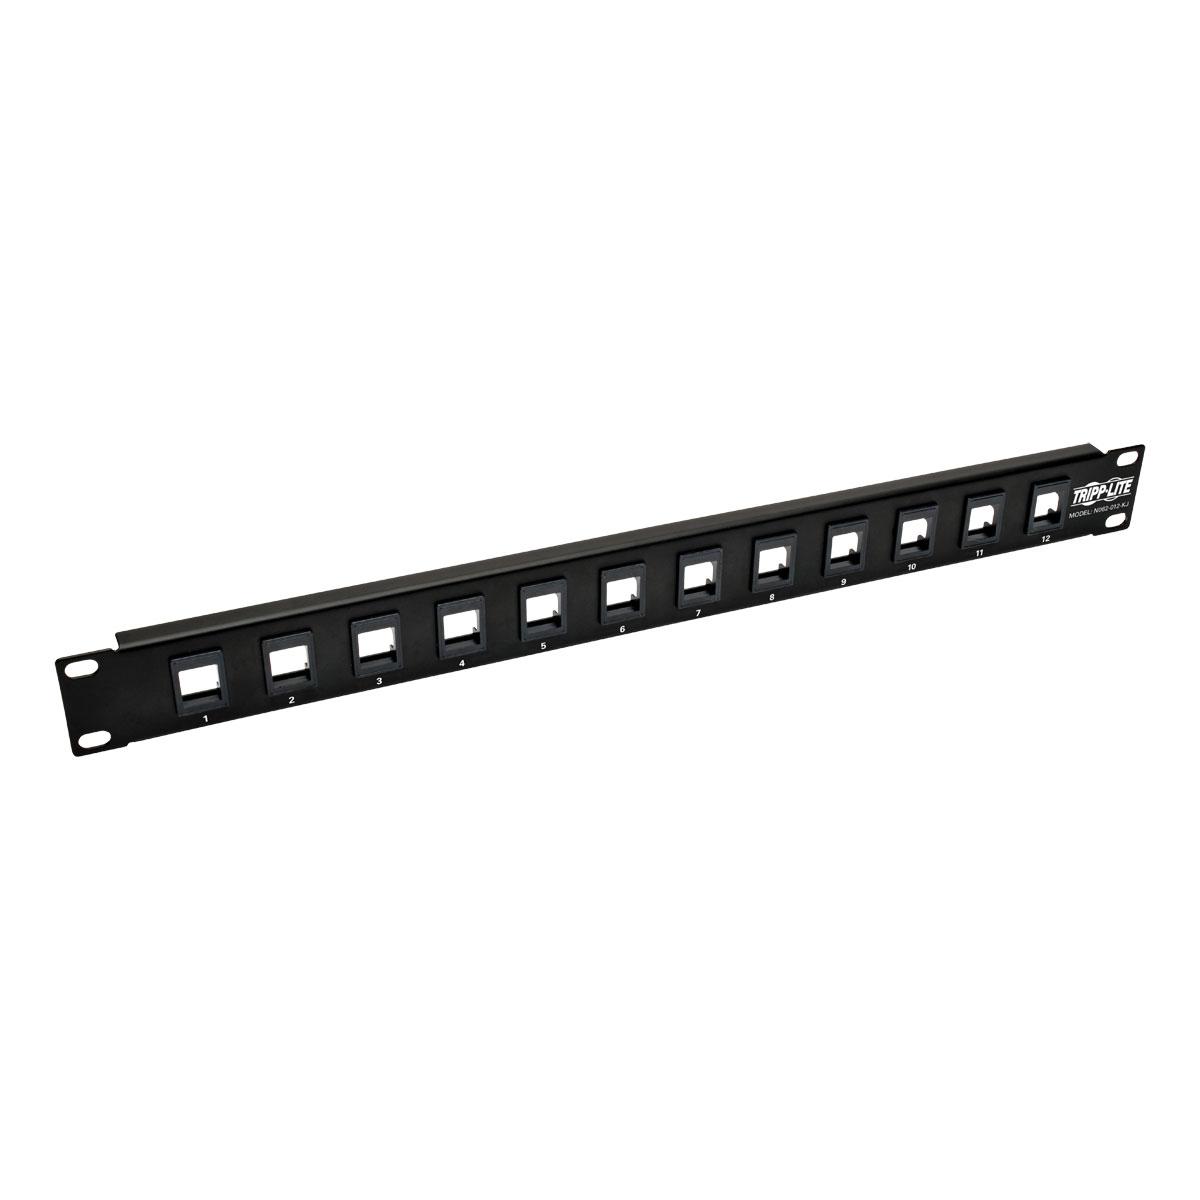 Tripp Lite N062-012-KJ 1U patch panel